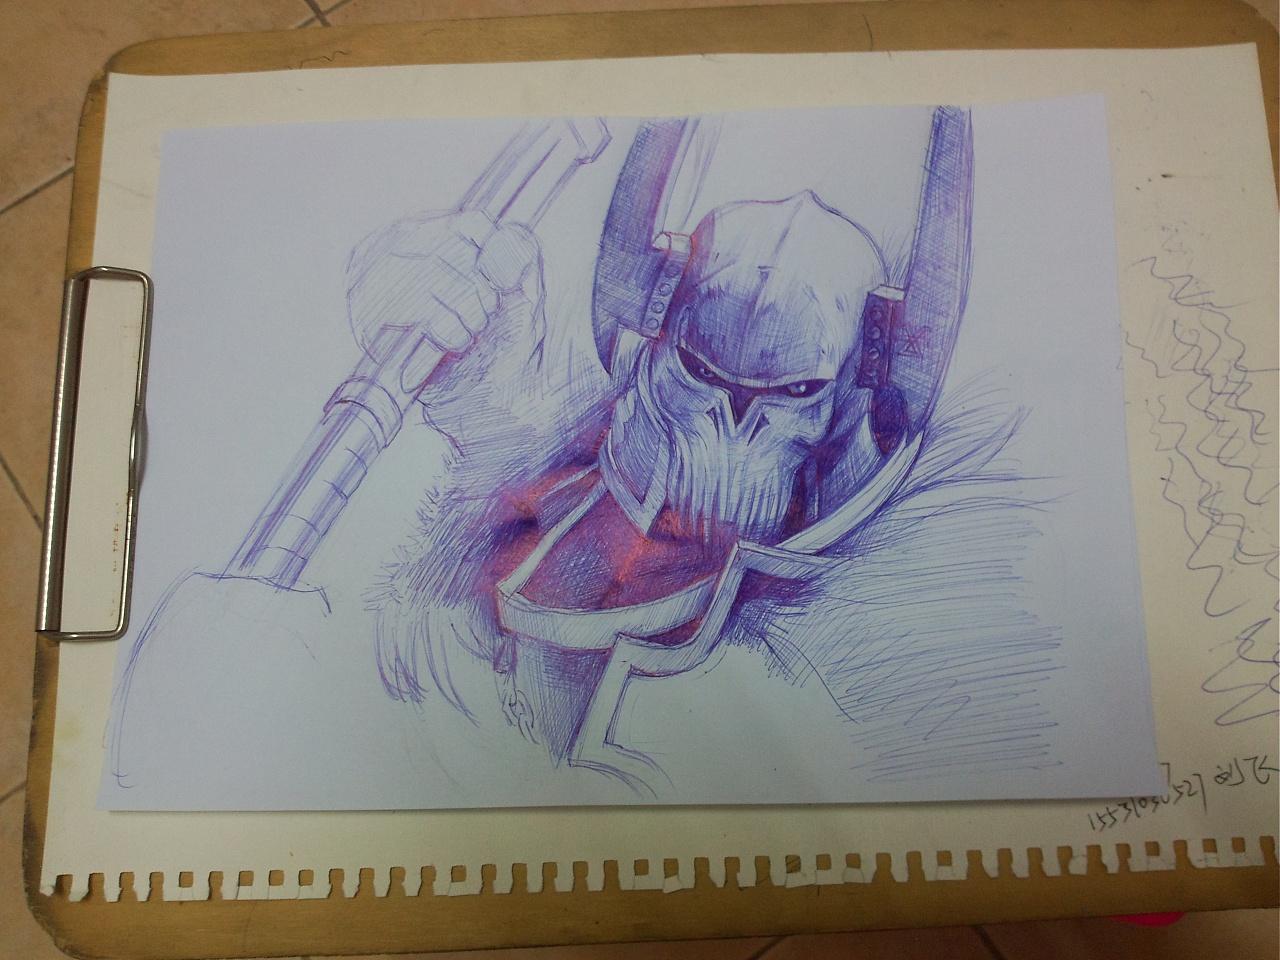 【手绘】圆珠笔—游戏人物|插画|插画习作|紫电闪雷鸣